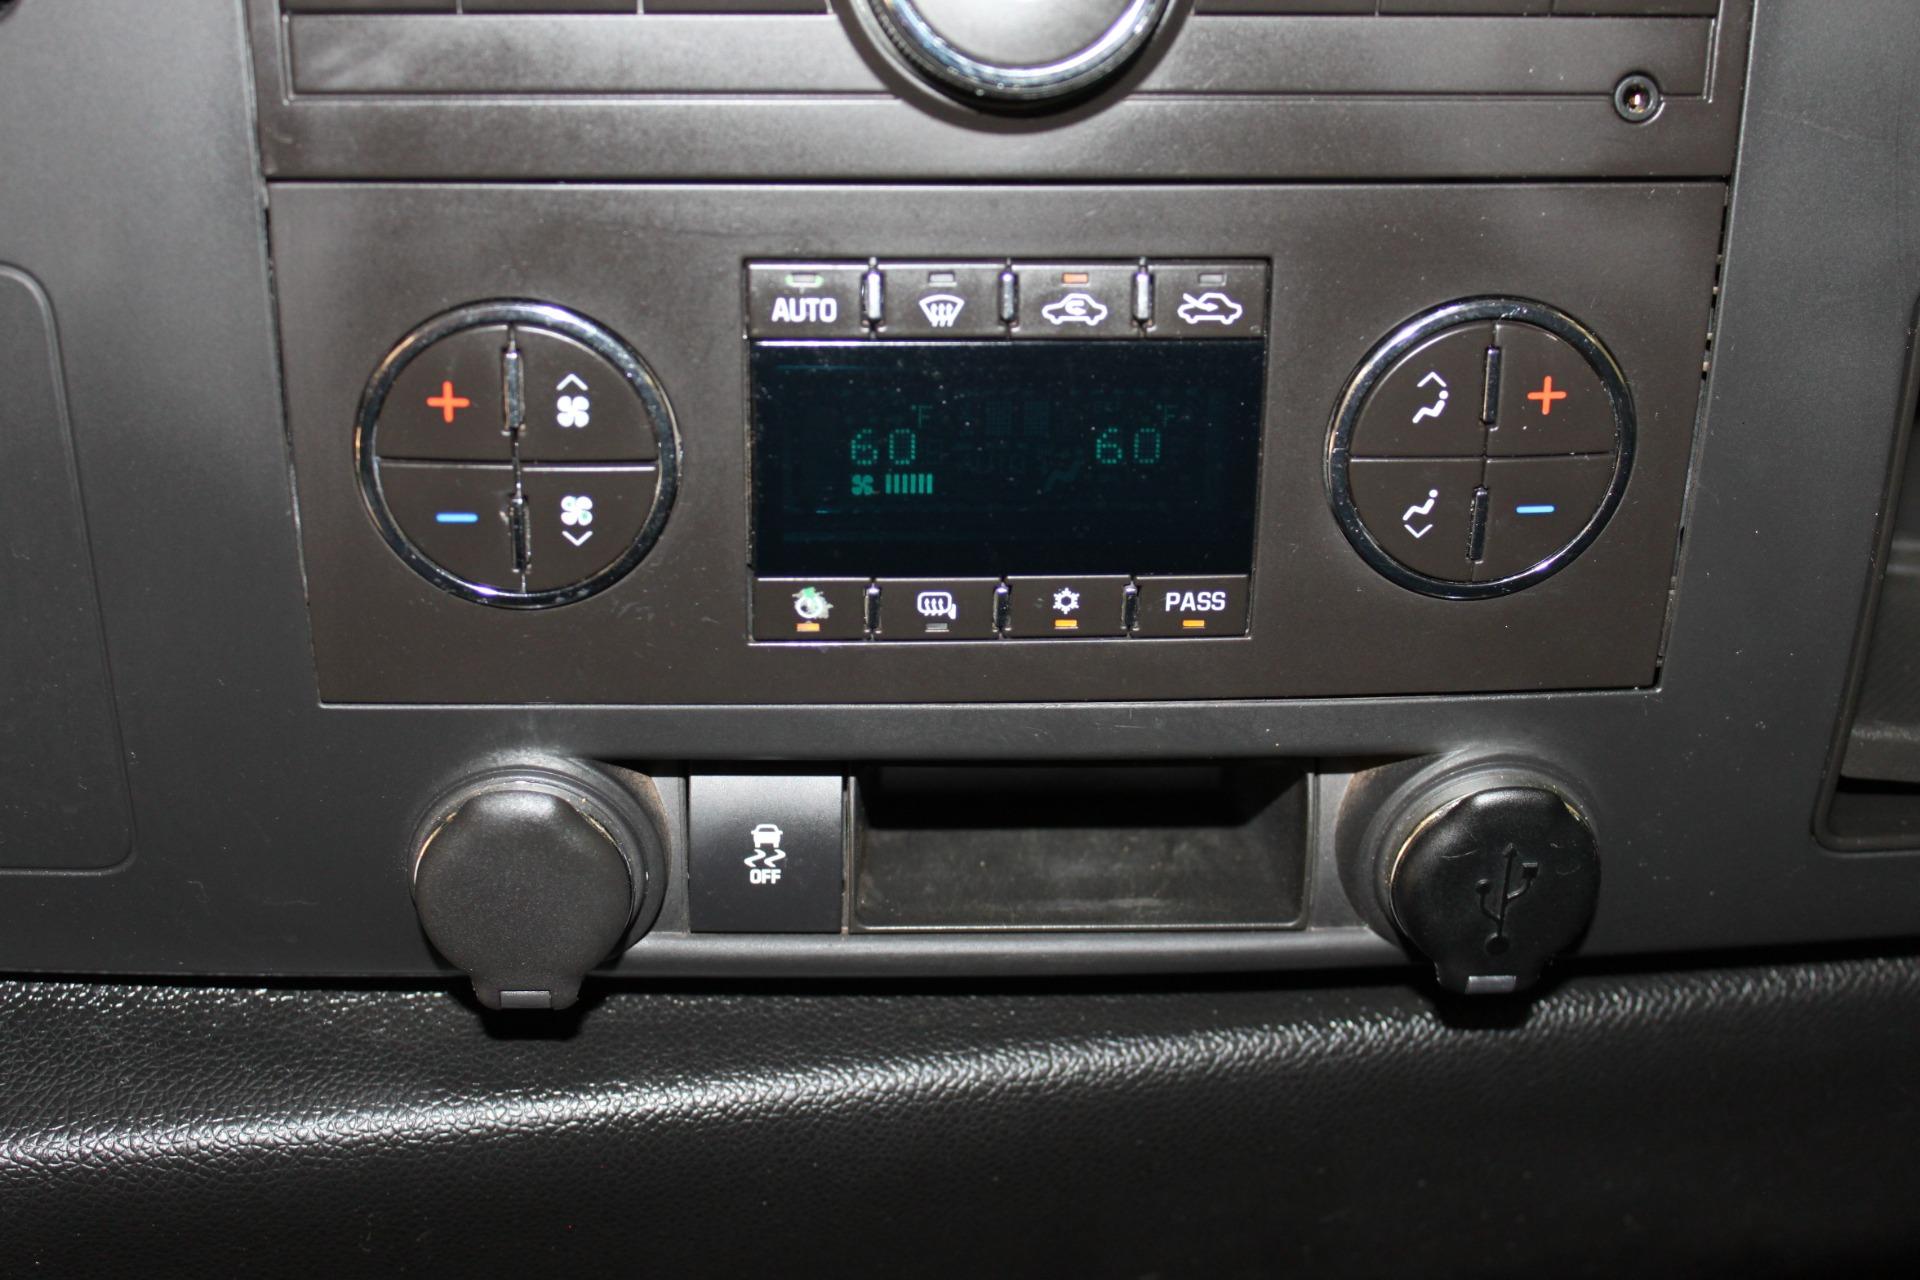 Used-2013-GMC-Sierra-1500-SLE-Z71-4X4-Chrysler